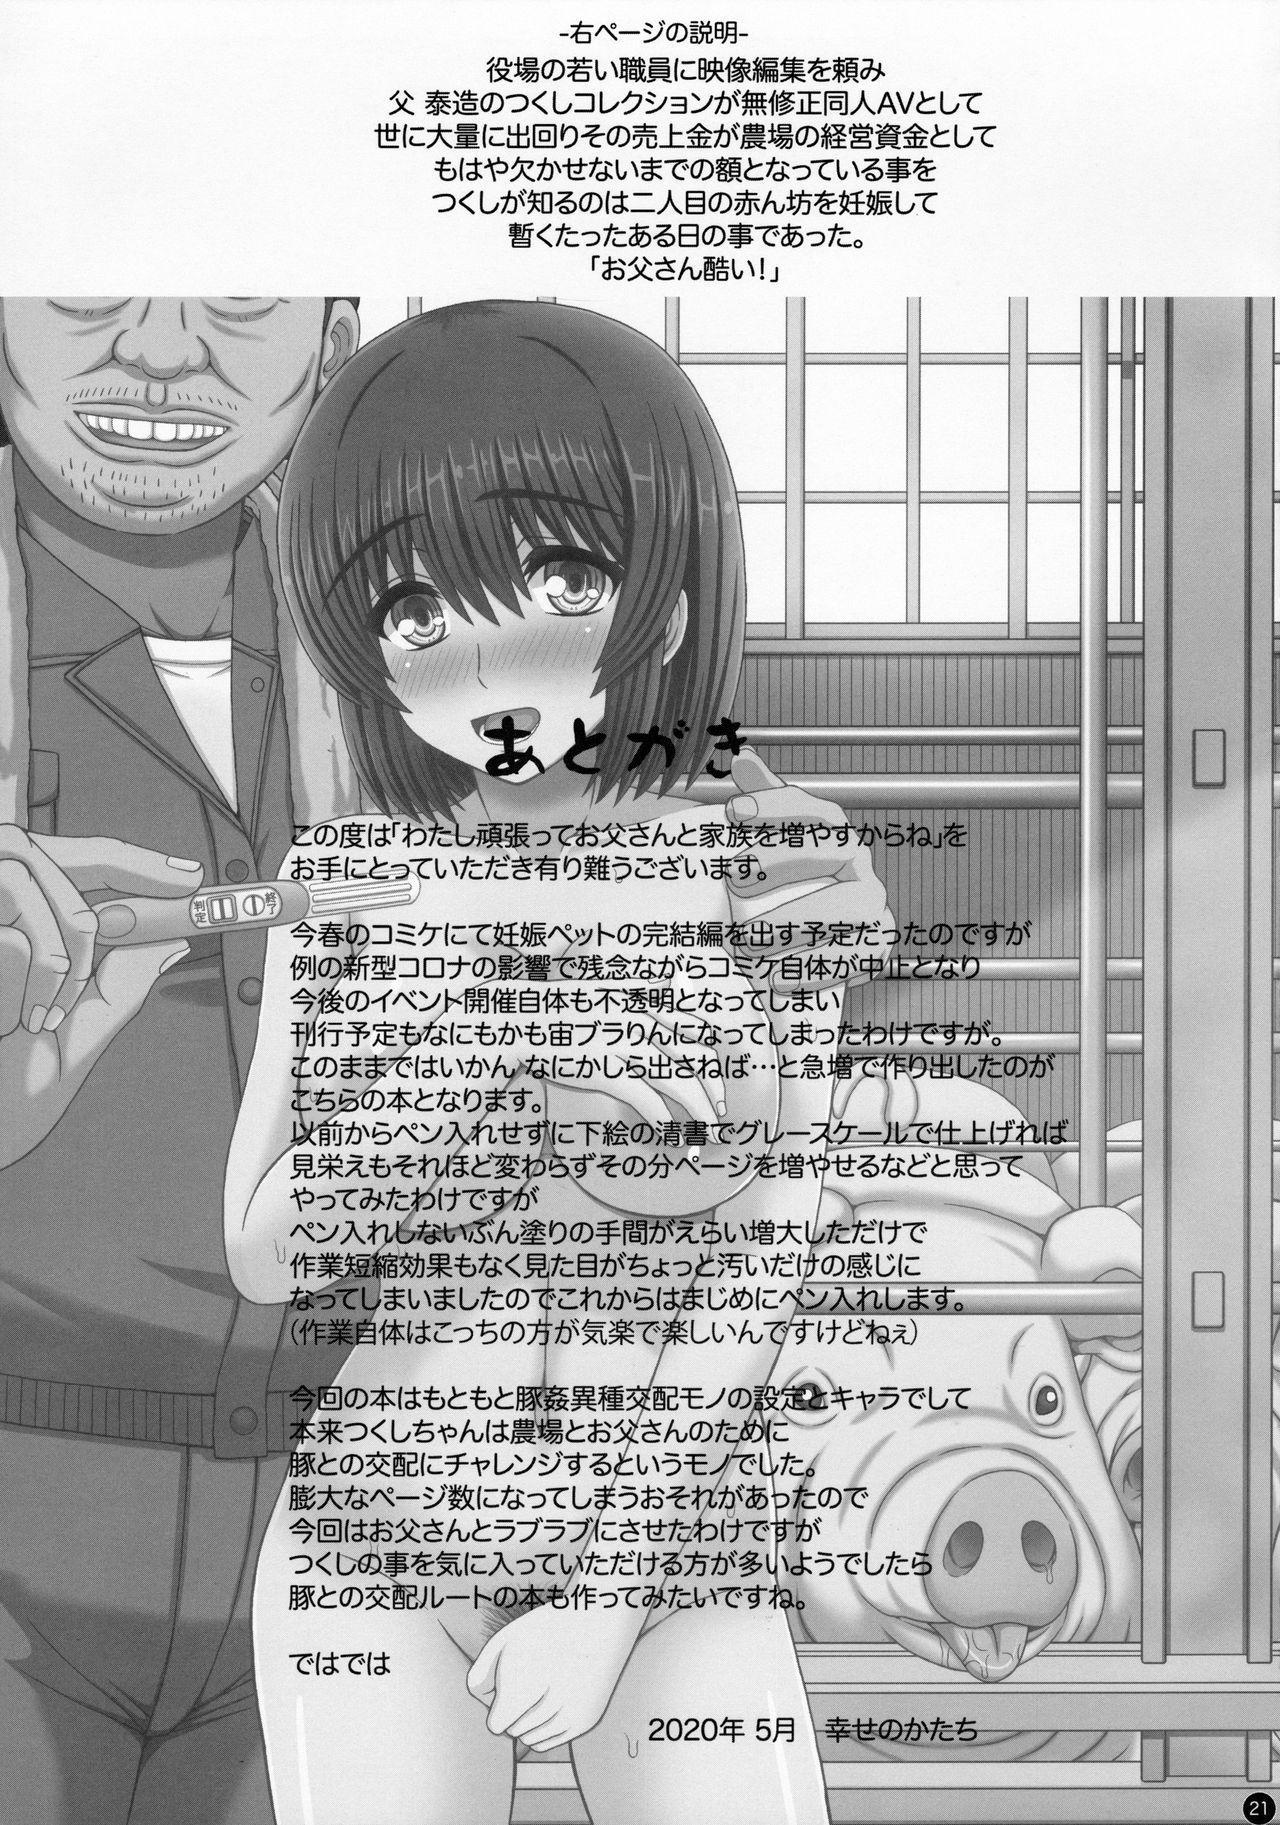 Watashi Ganbatte Otou-san to Kazoku o Fuyasu kara ne. 19